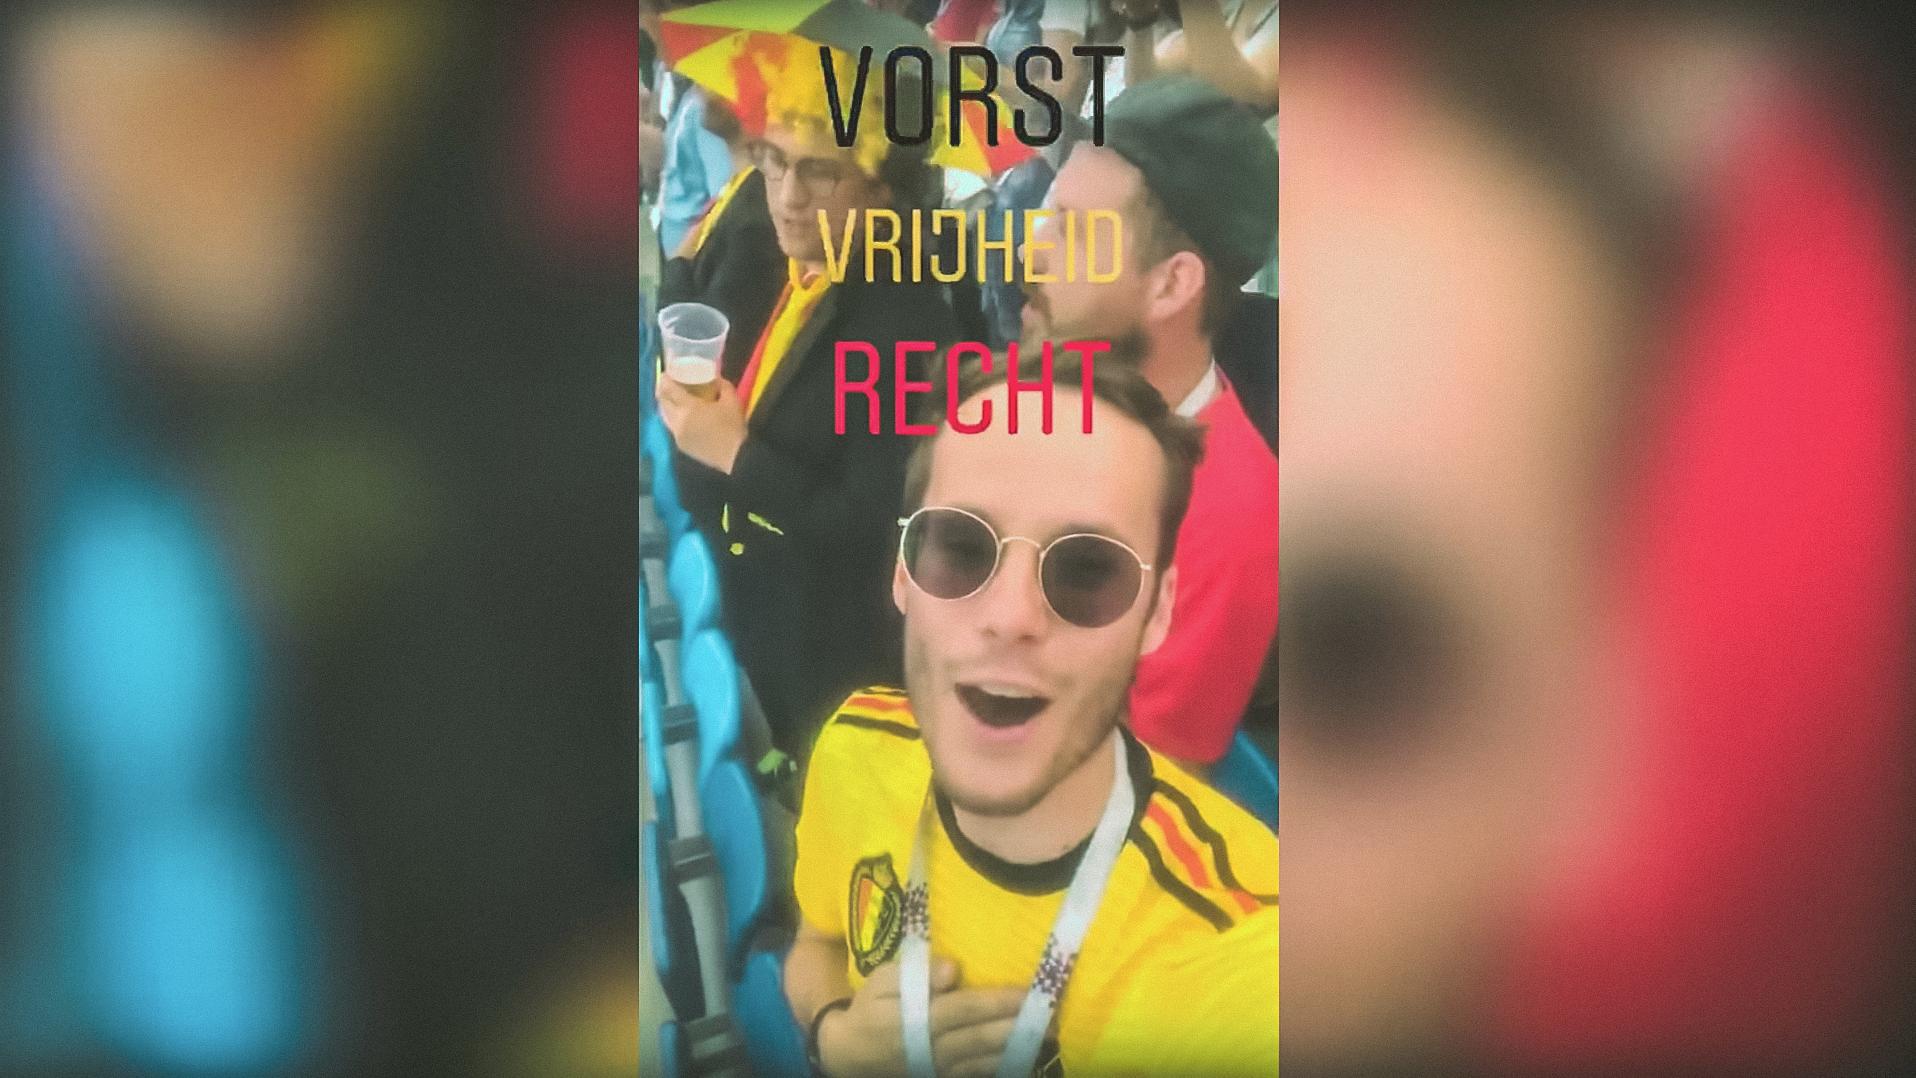 Vincenthome